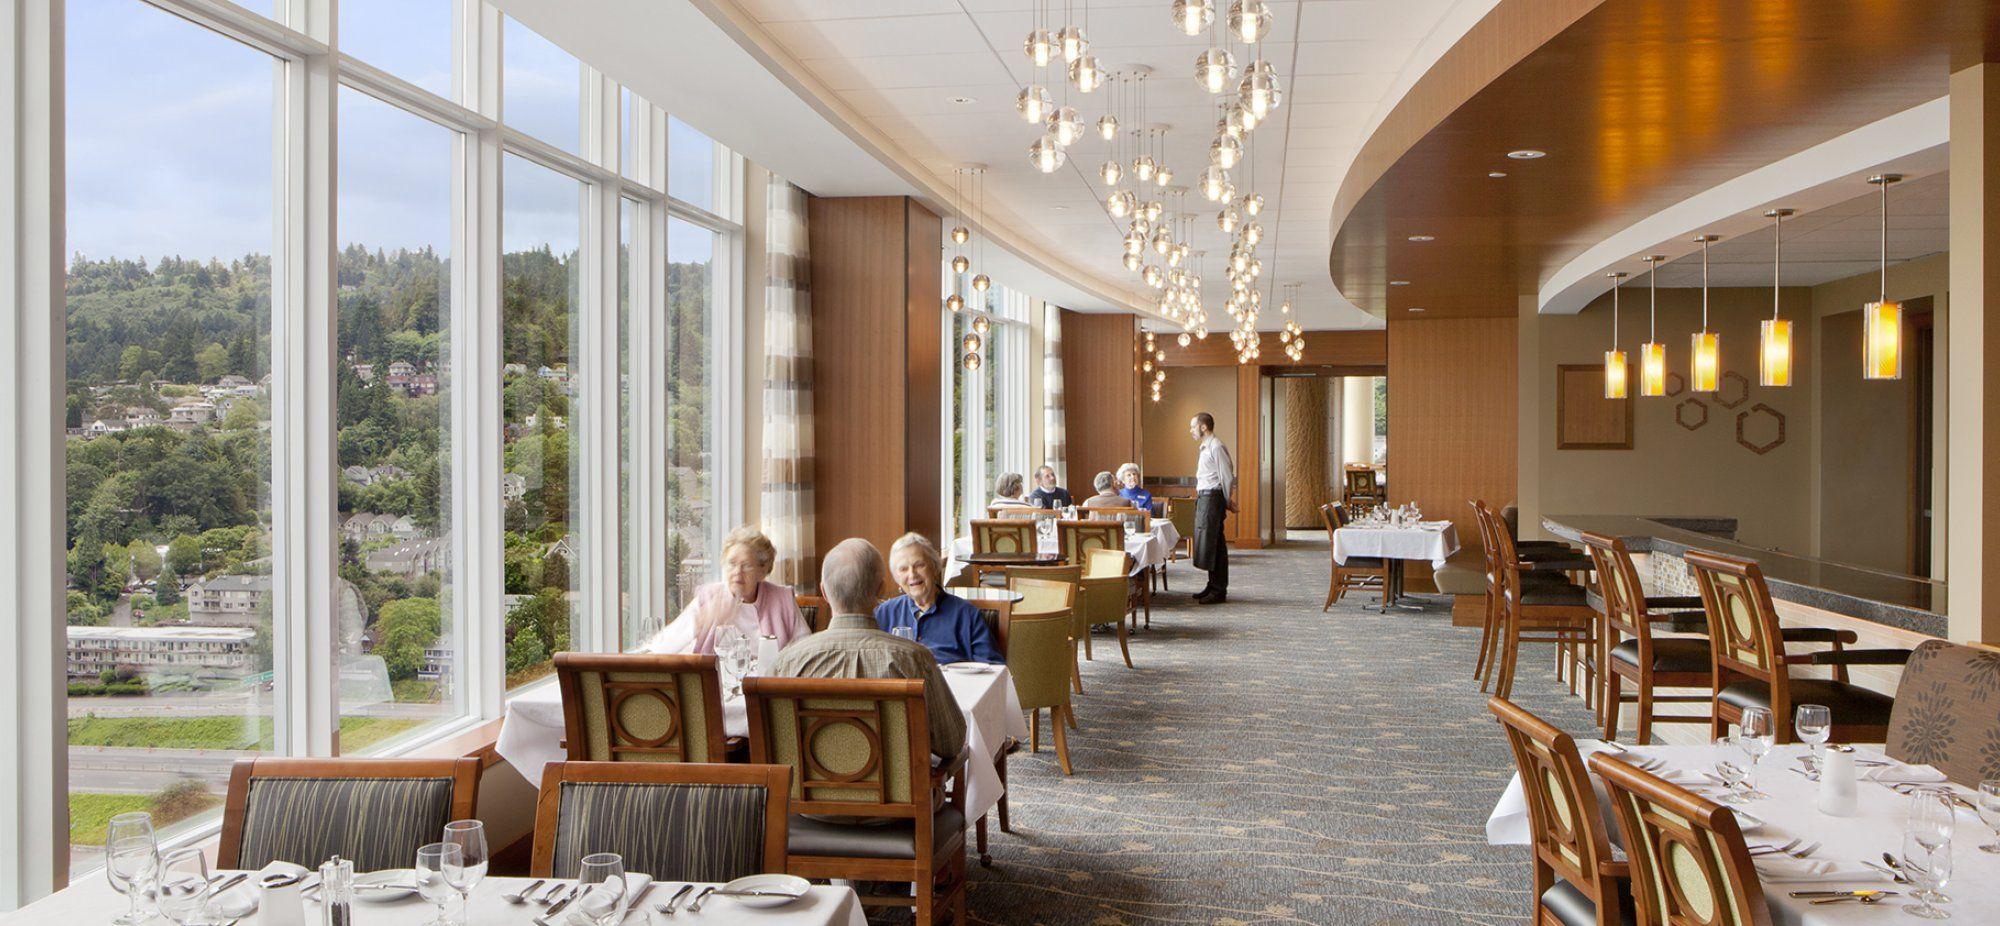 nursing home design standardshomehome plans ideas picture nursing home designs - Senior Home Design